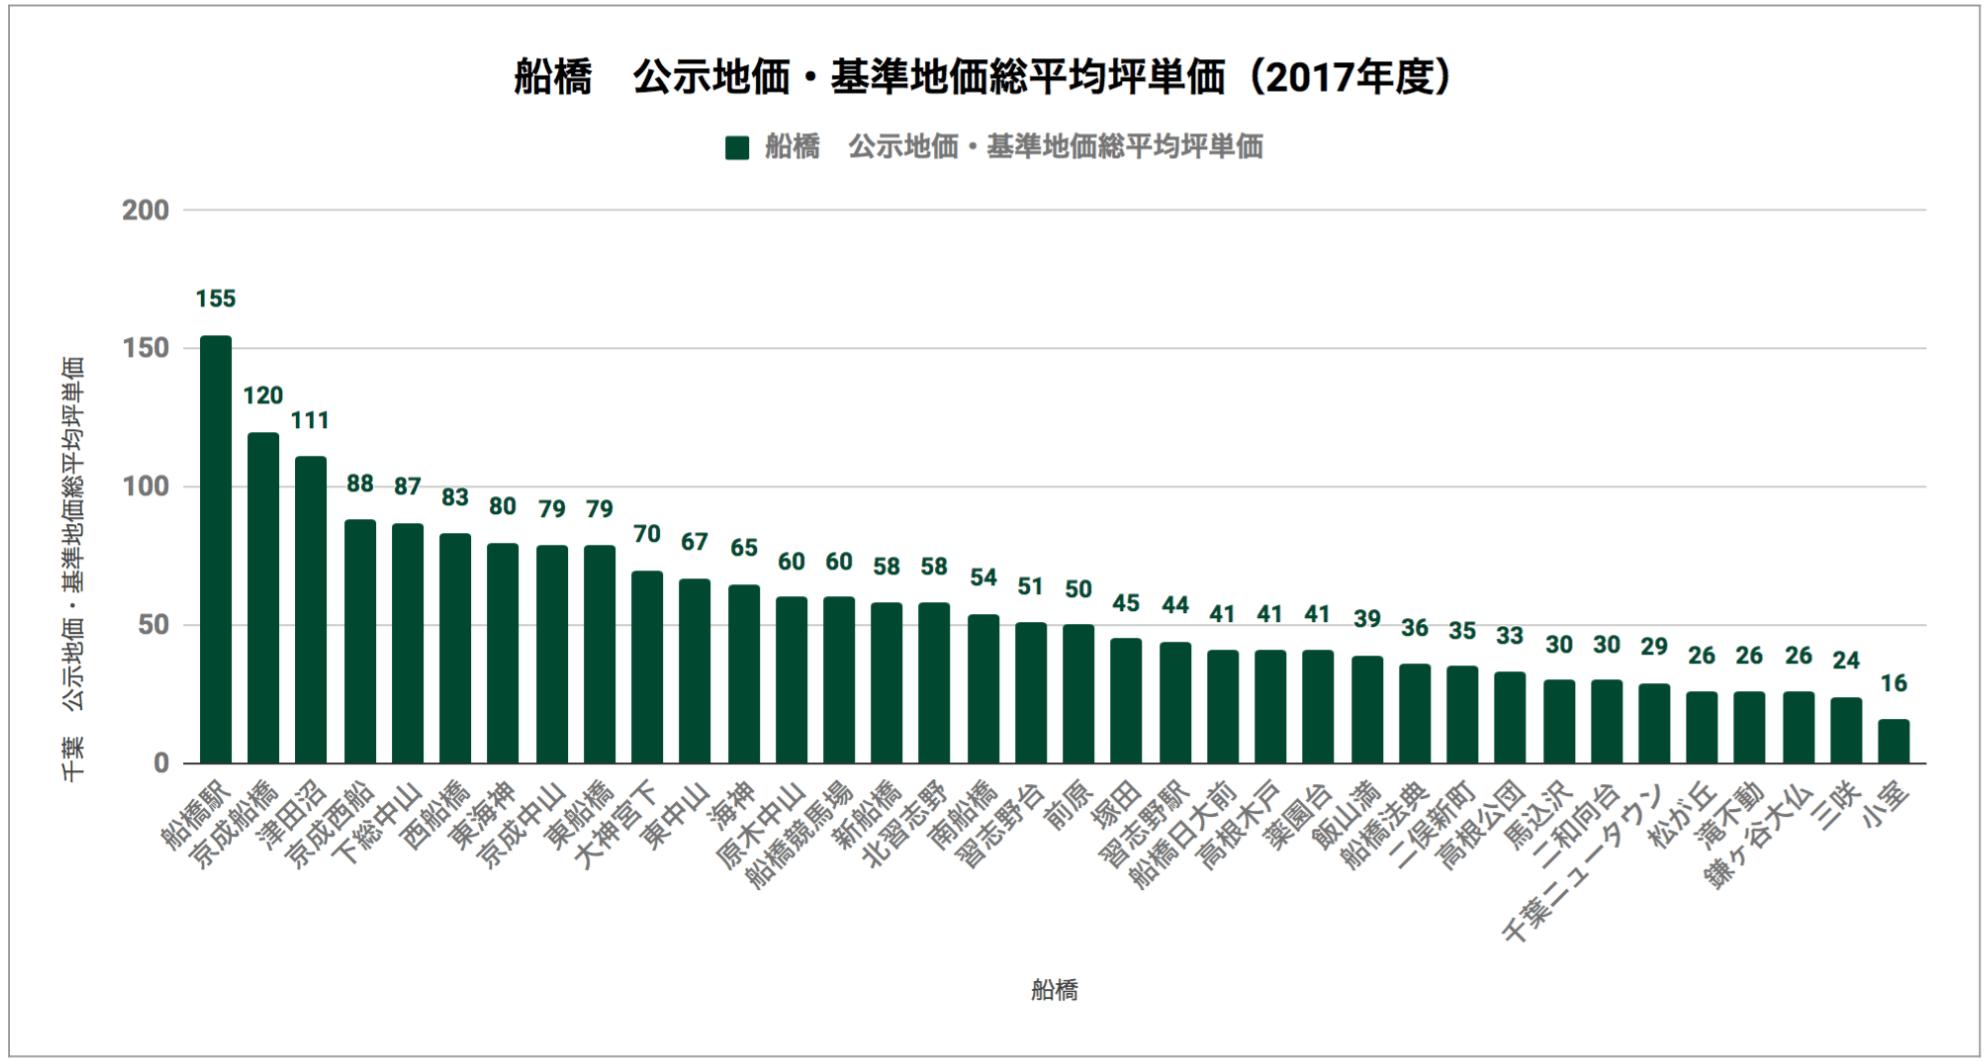 船橋「公示地価・基準地価総平均坪単価(2017年度)」